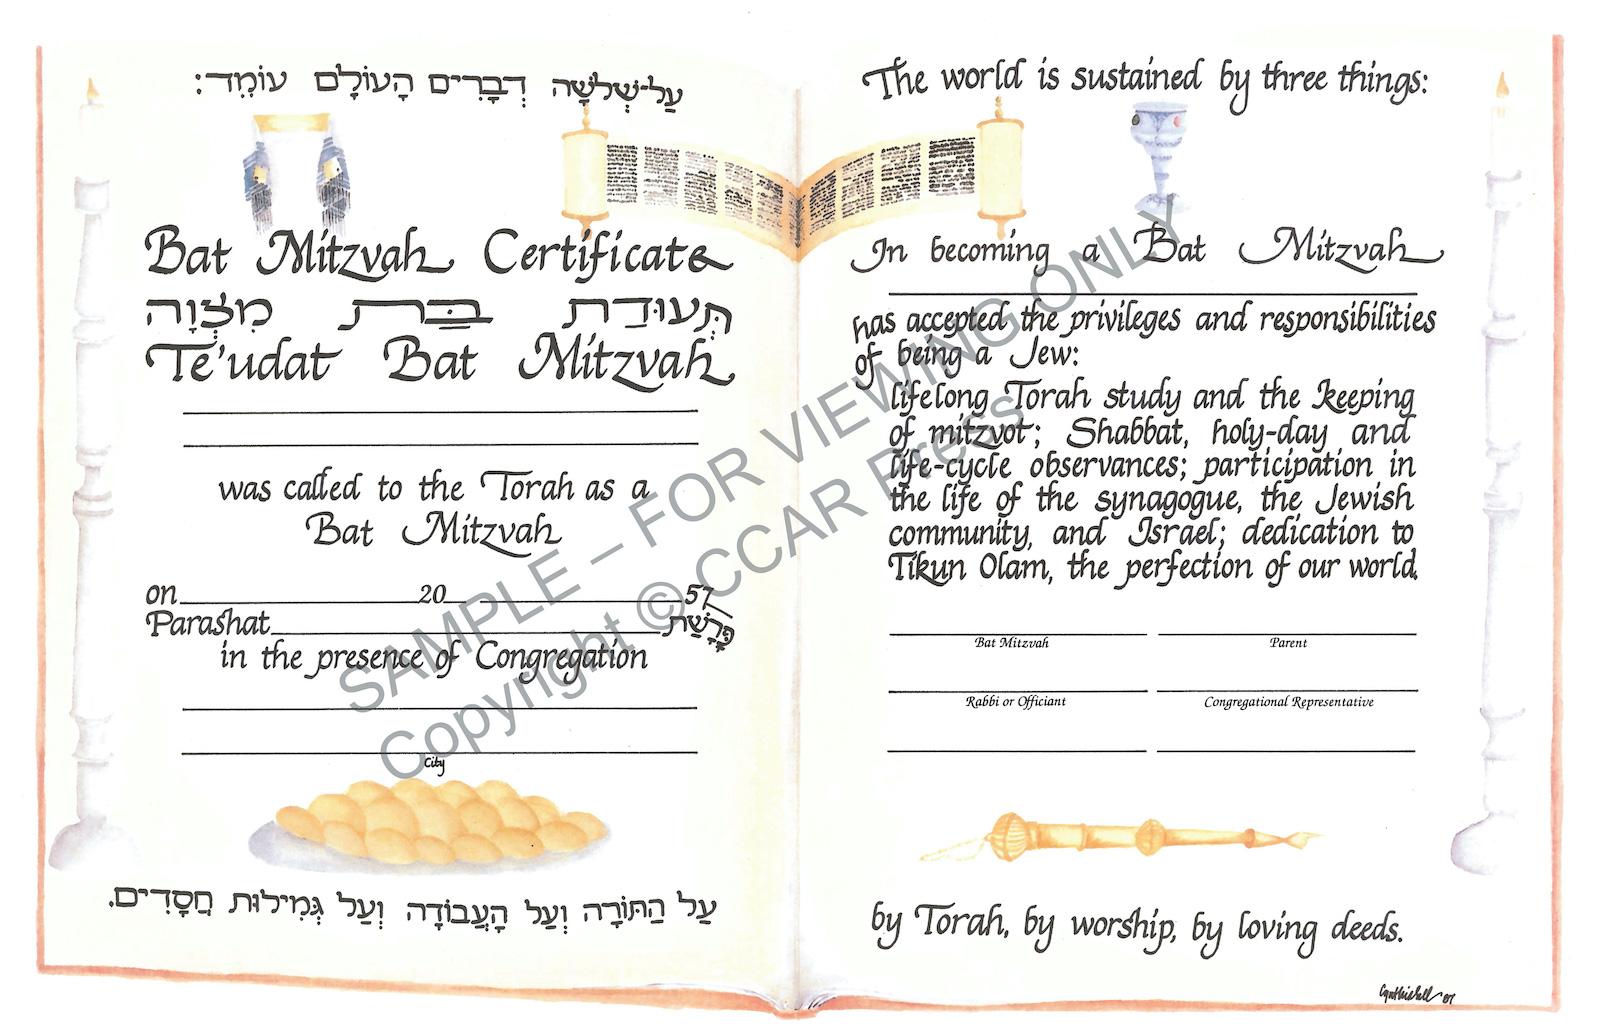 Bat Mitzvah, Illuminated - Certificate